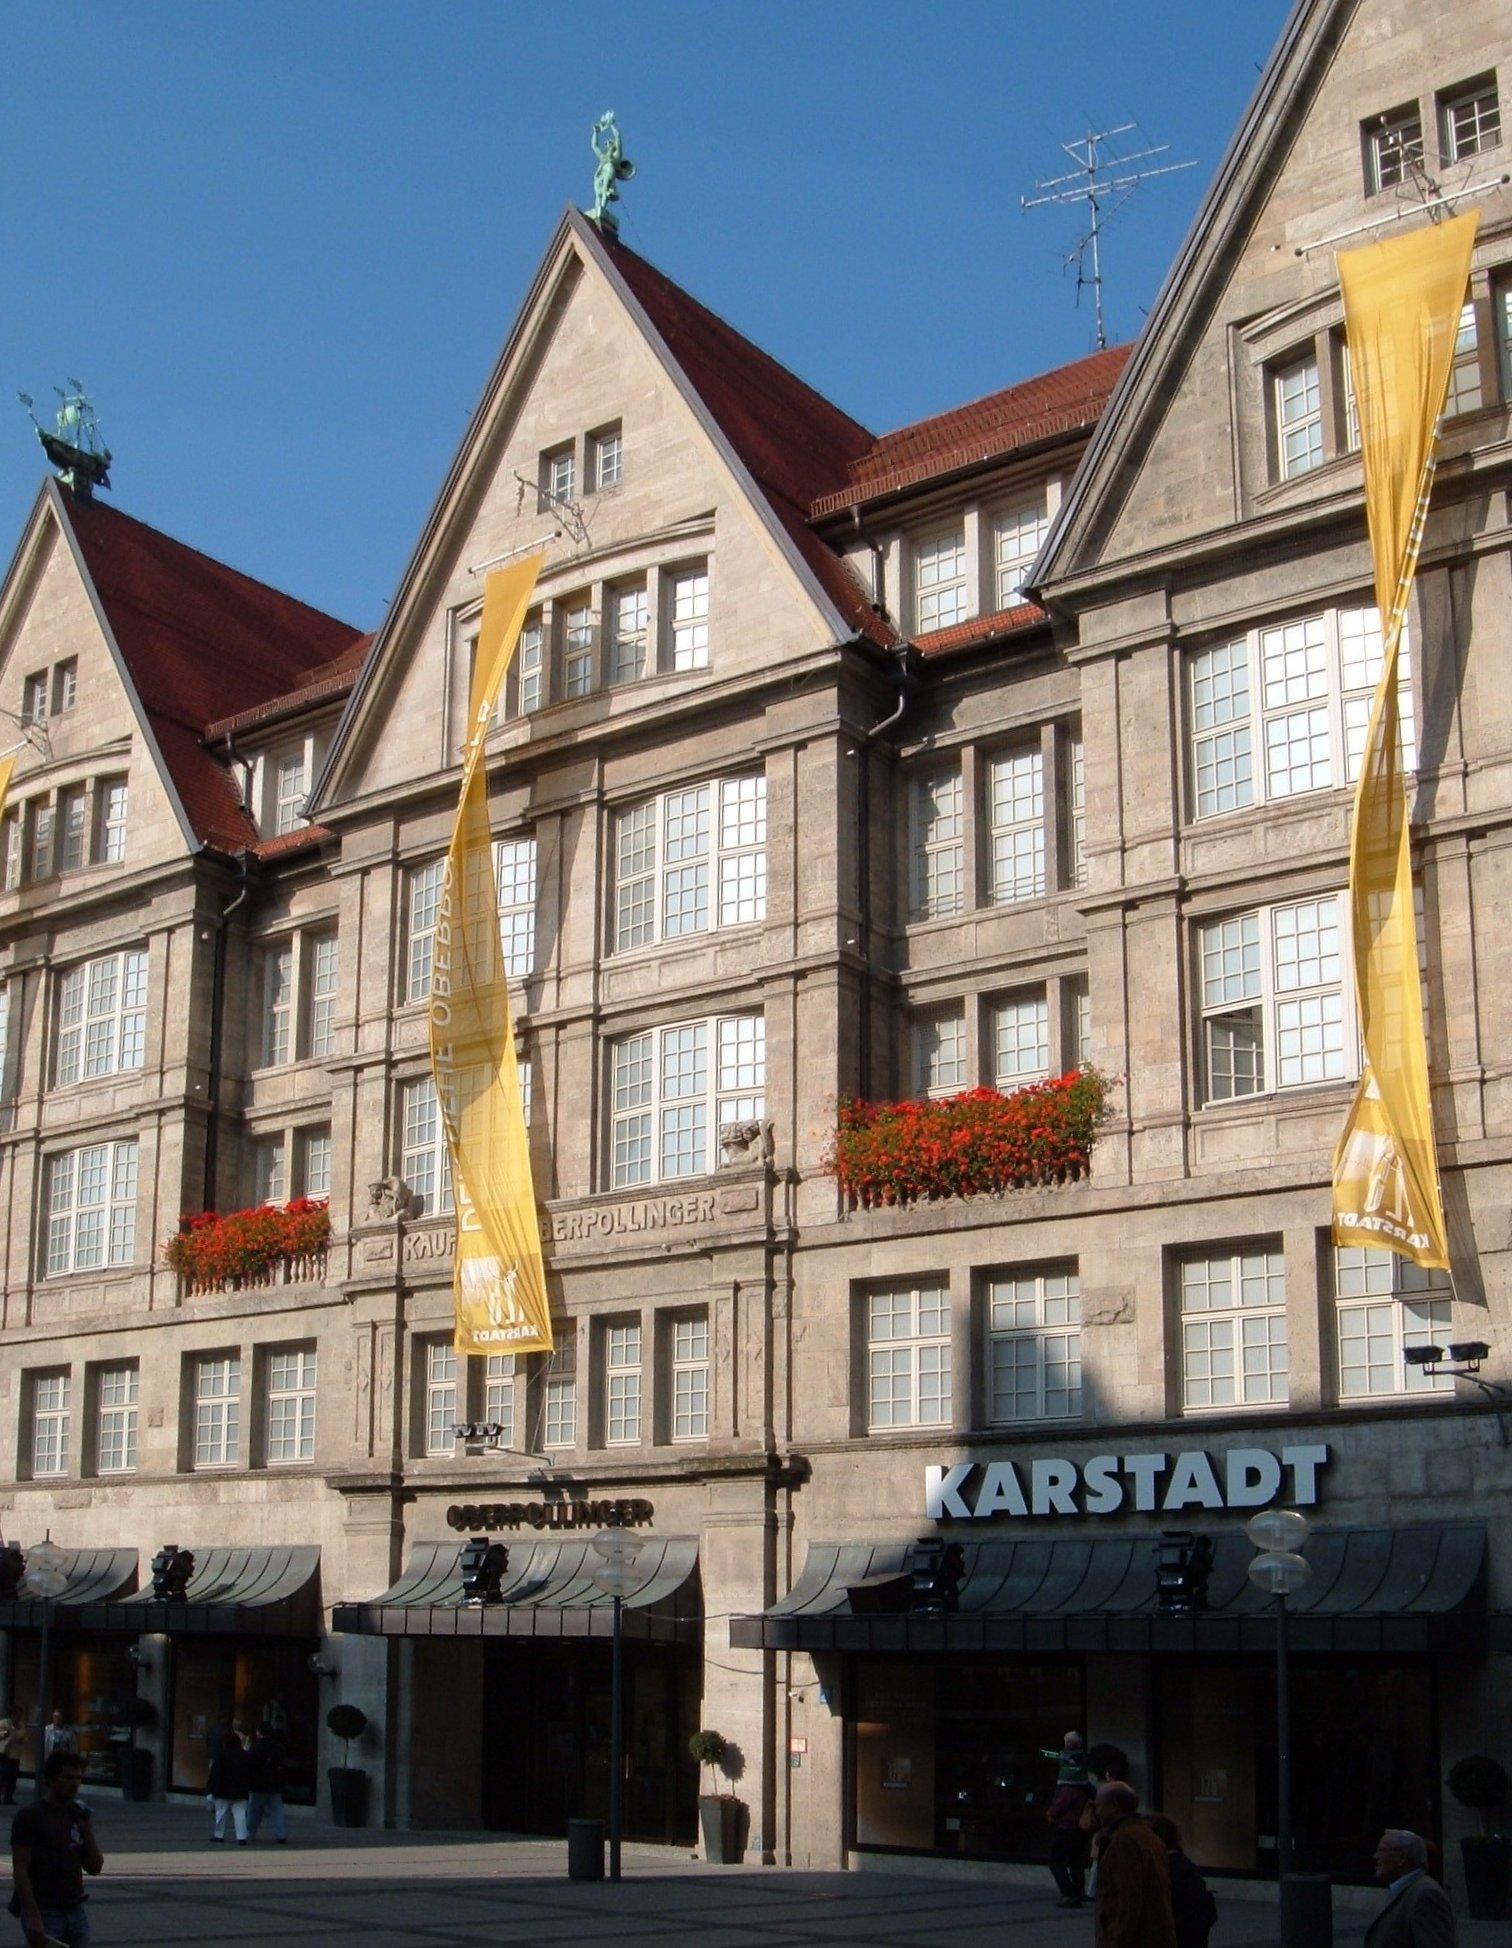 Karstadt frankfurt zeil das ehemalige flaggschiff von hertie